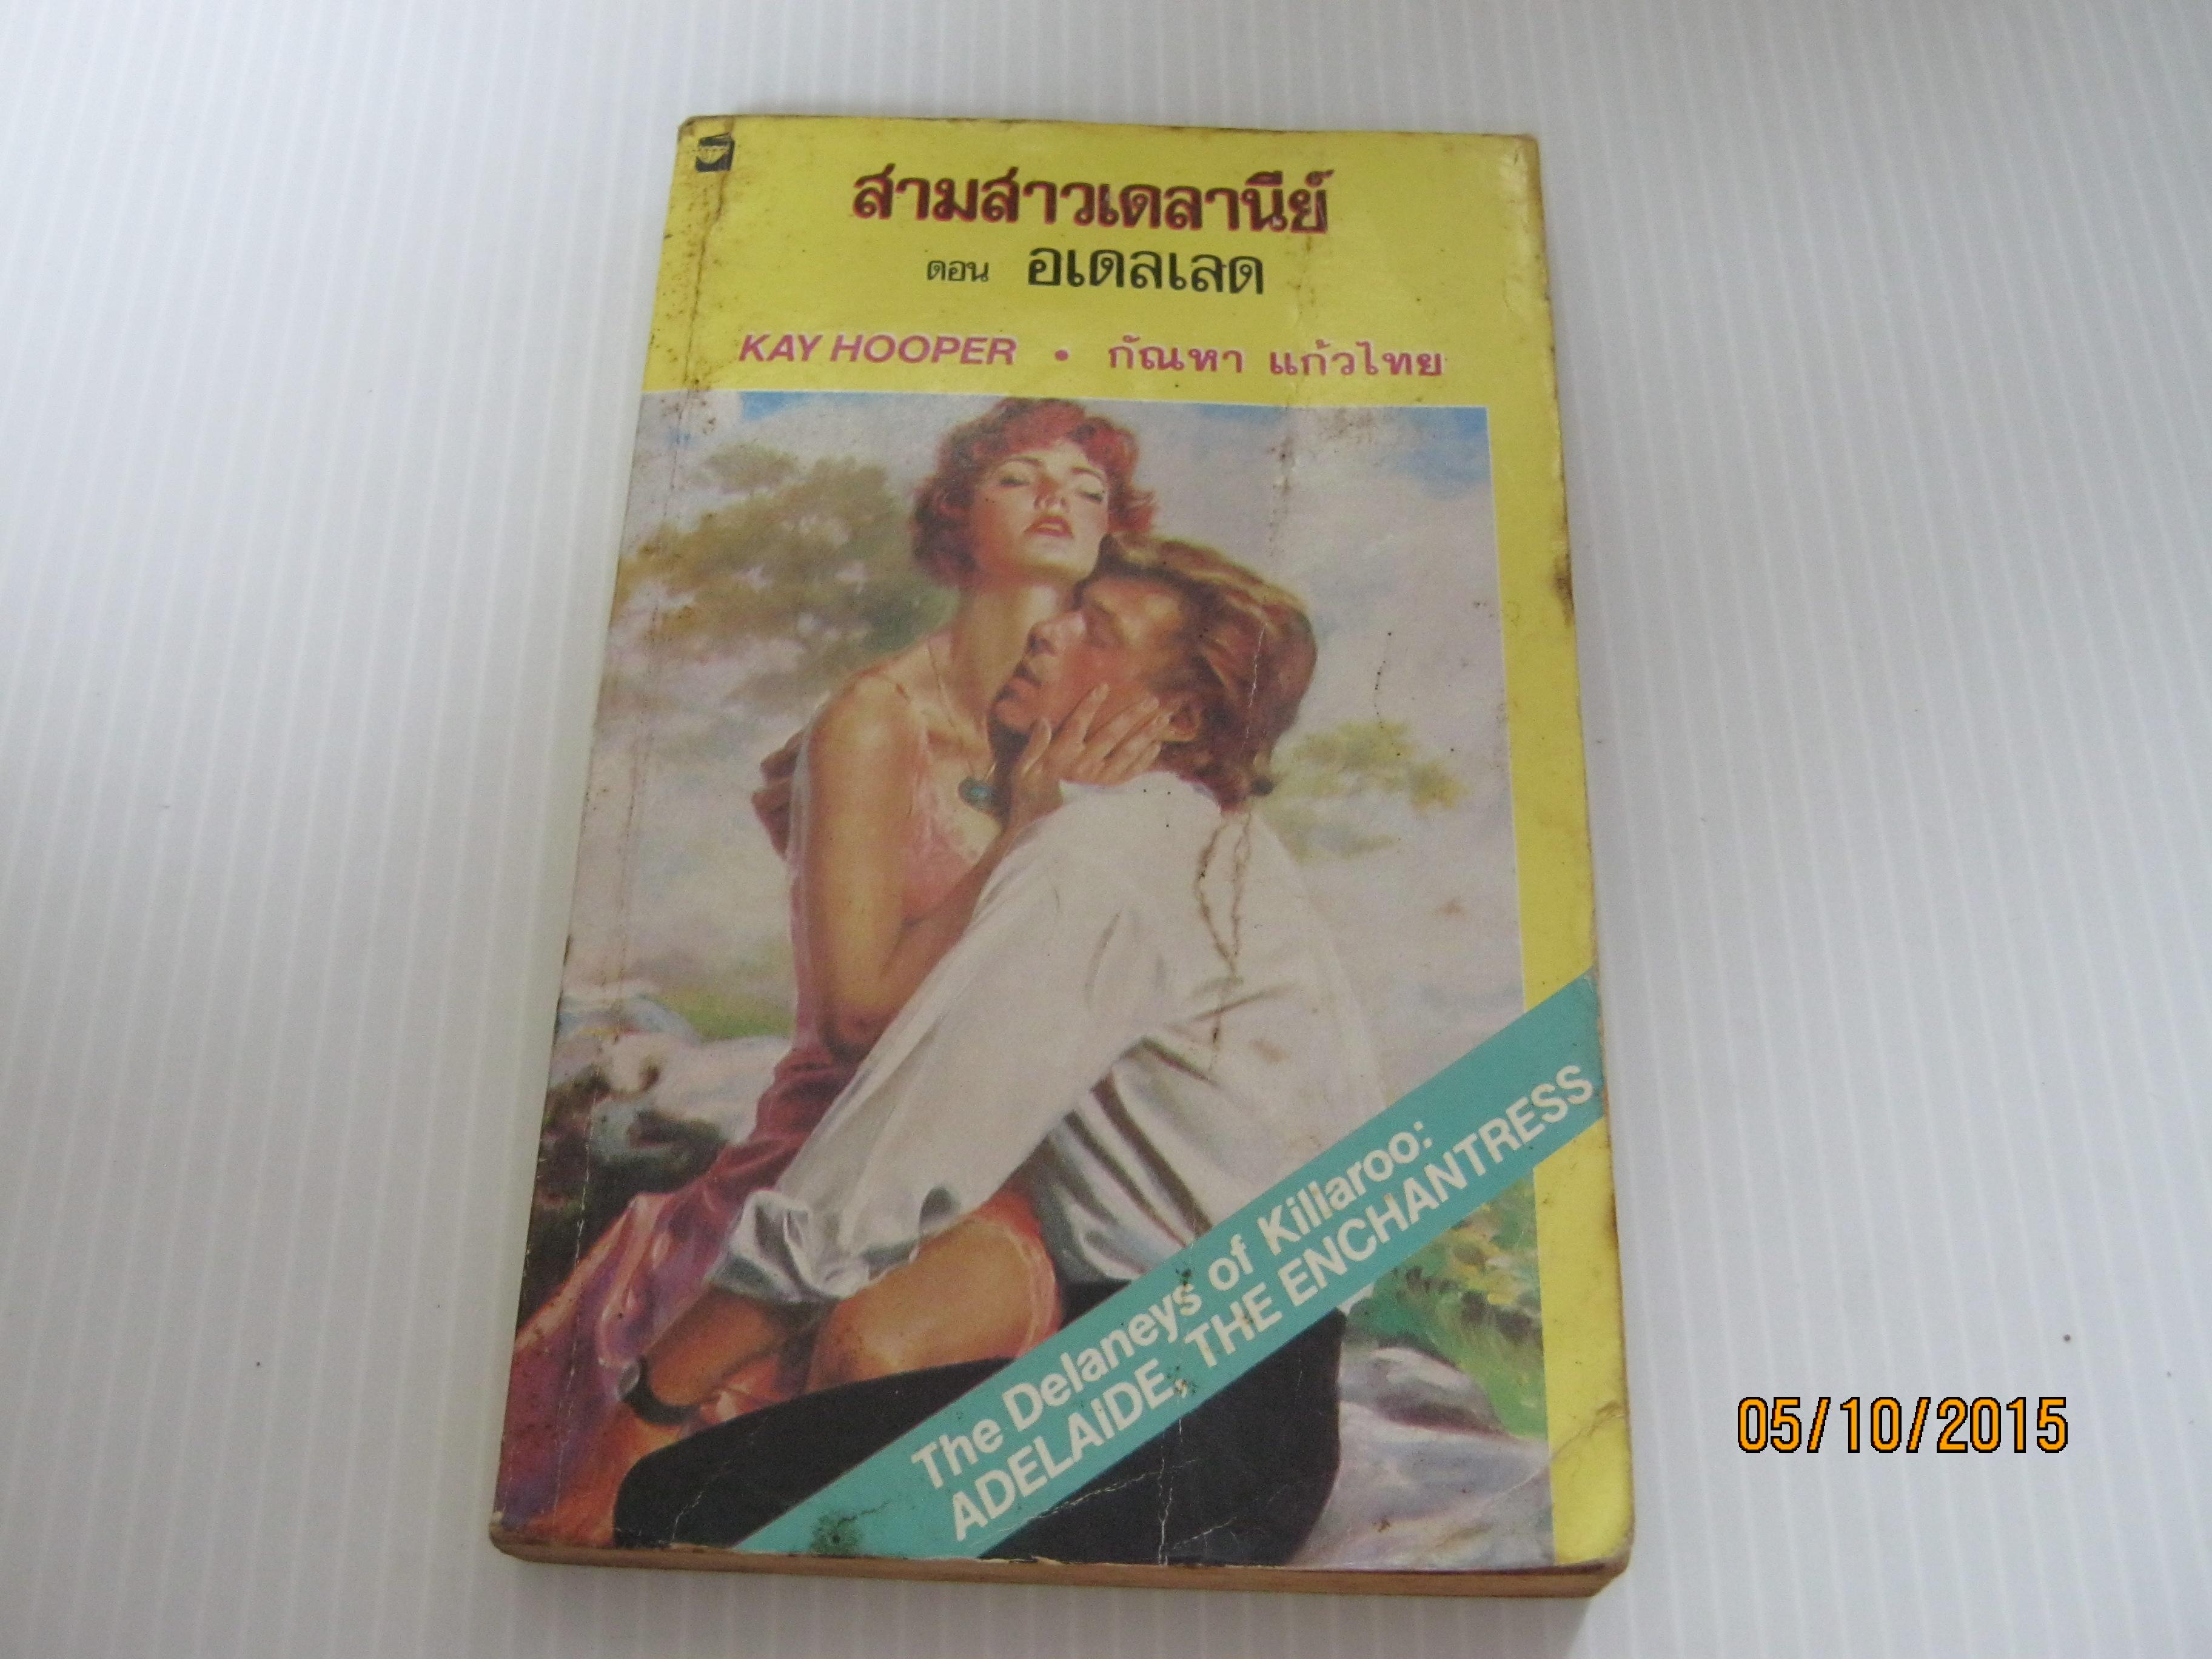 สามสาวเดลานีย์ ตอน อเดลเลด Kay Hooper เขียน กัณหา แก้วไทย แปล